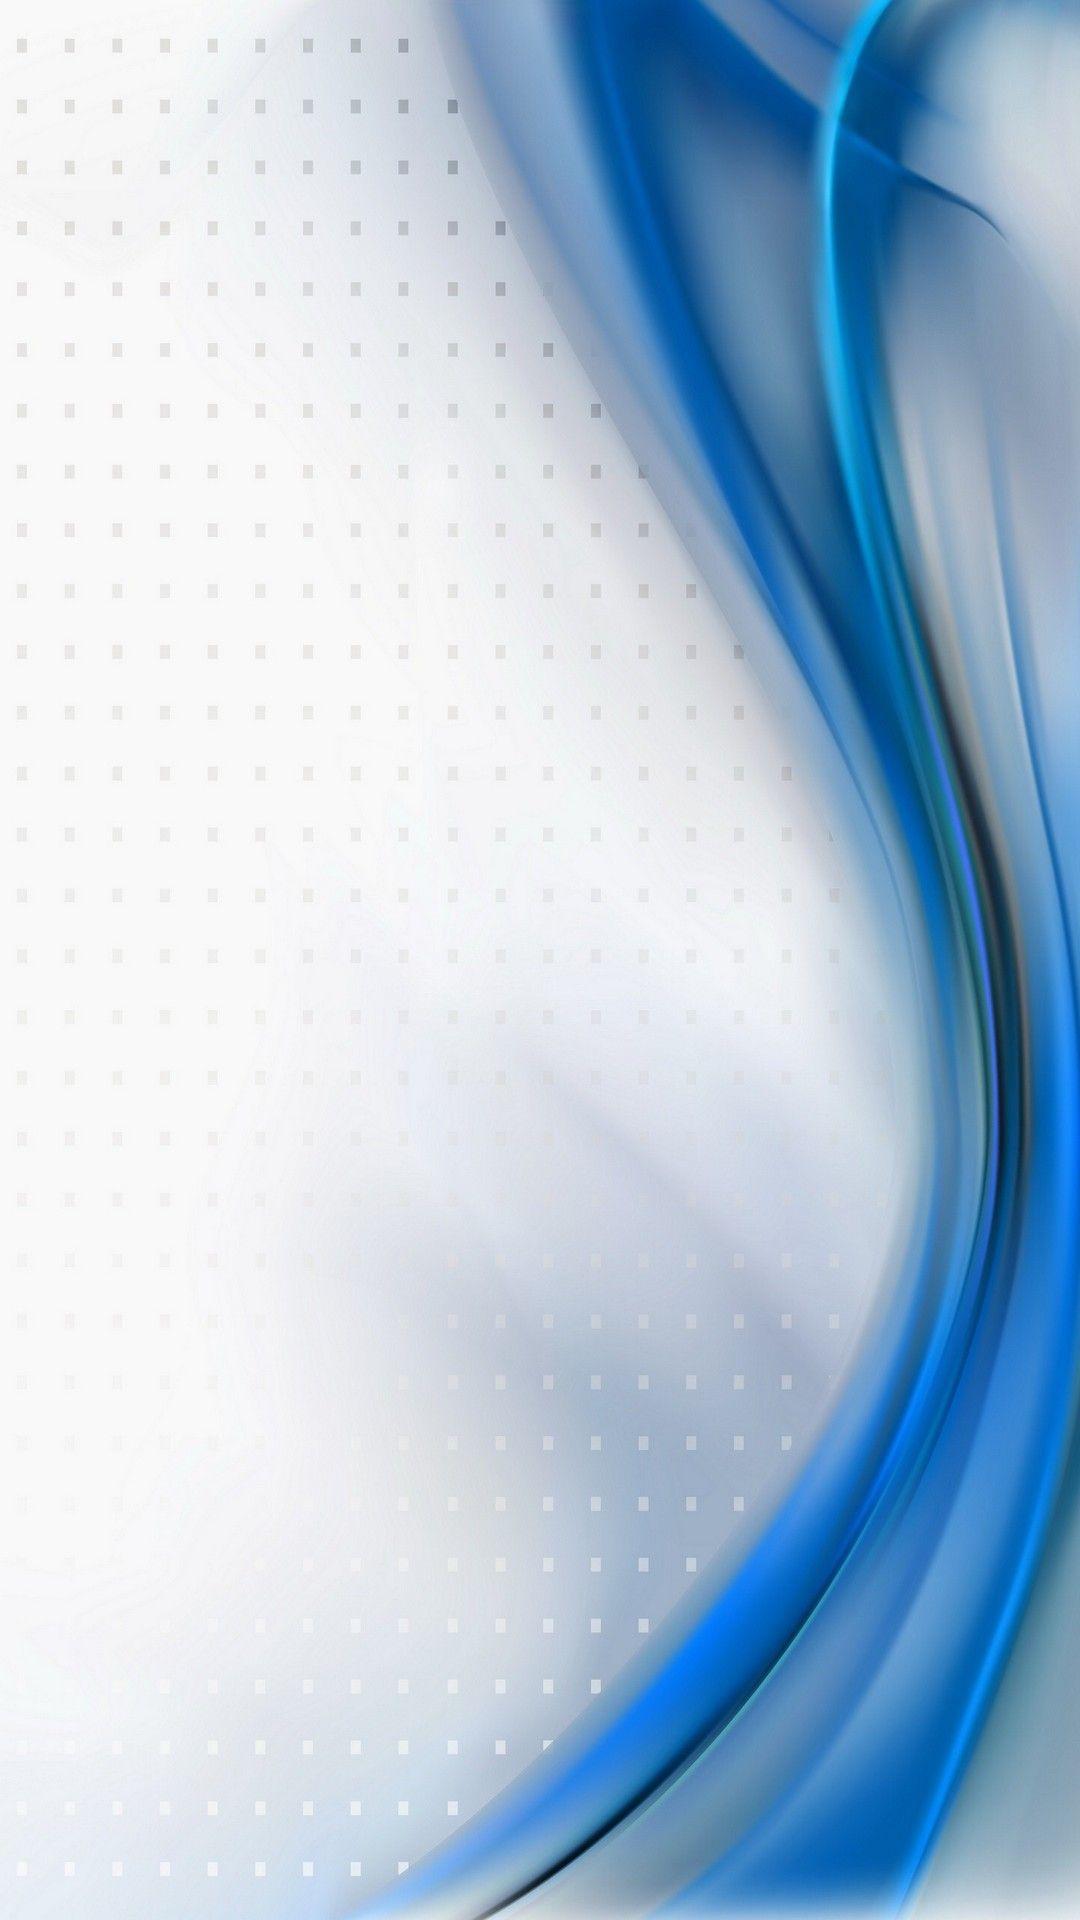 Blue And White Wallpaper For Iphone Fundo Para Cartao Design De Cartaz Fundo Para Texto